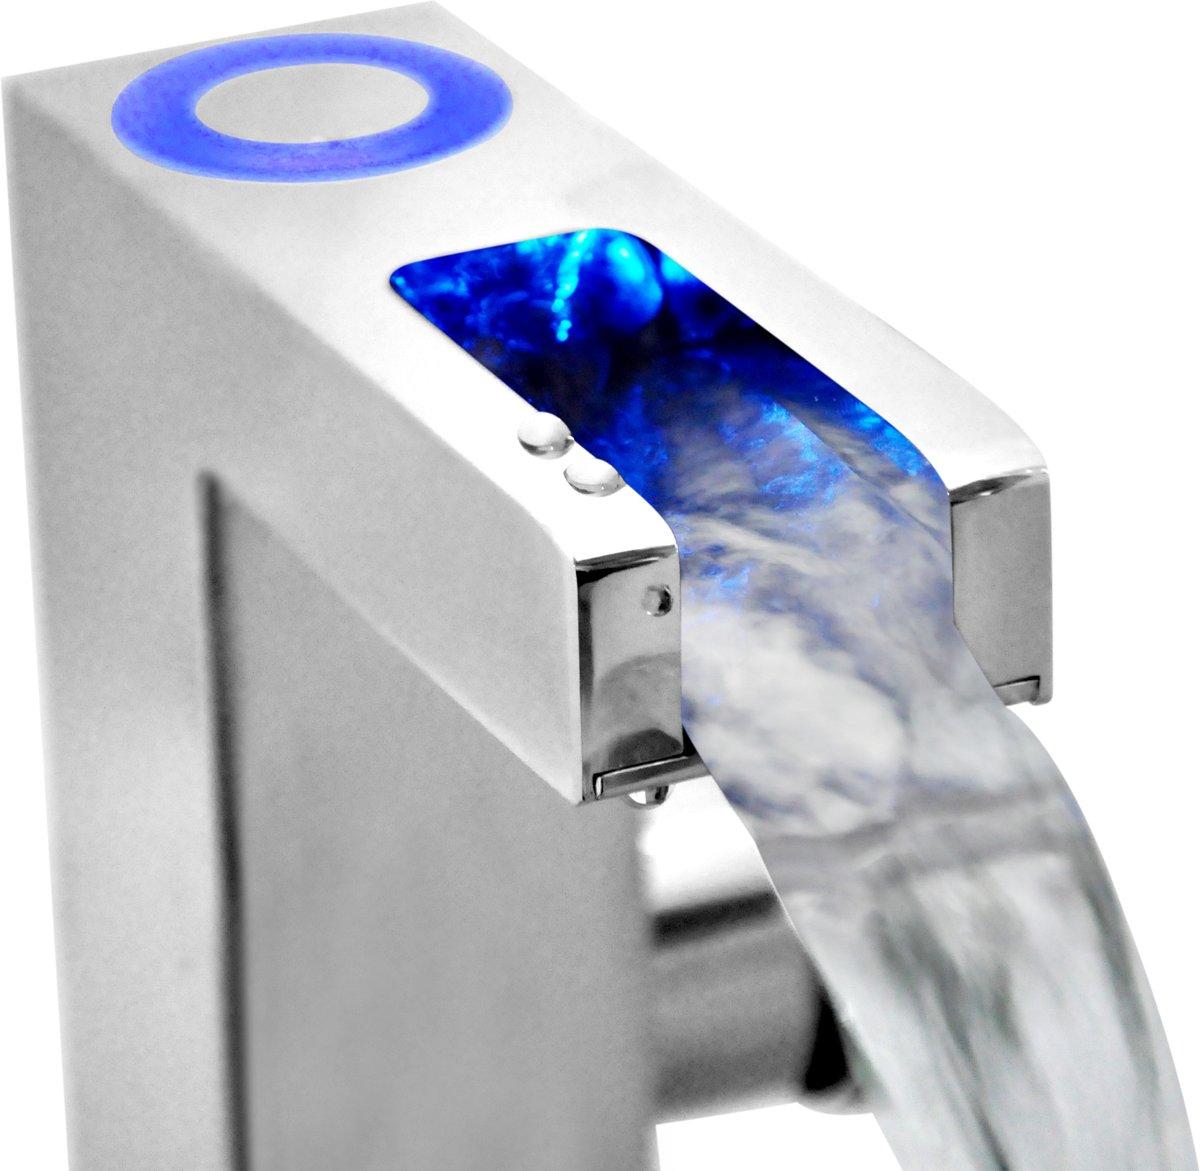 Grohe badkamer kraan ontkalken handleiding grohe precision trend pagina 1 van 6 nederlands het - Vormgeving van de badkamer kraan ...